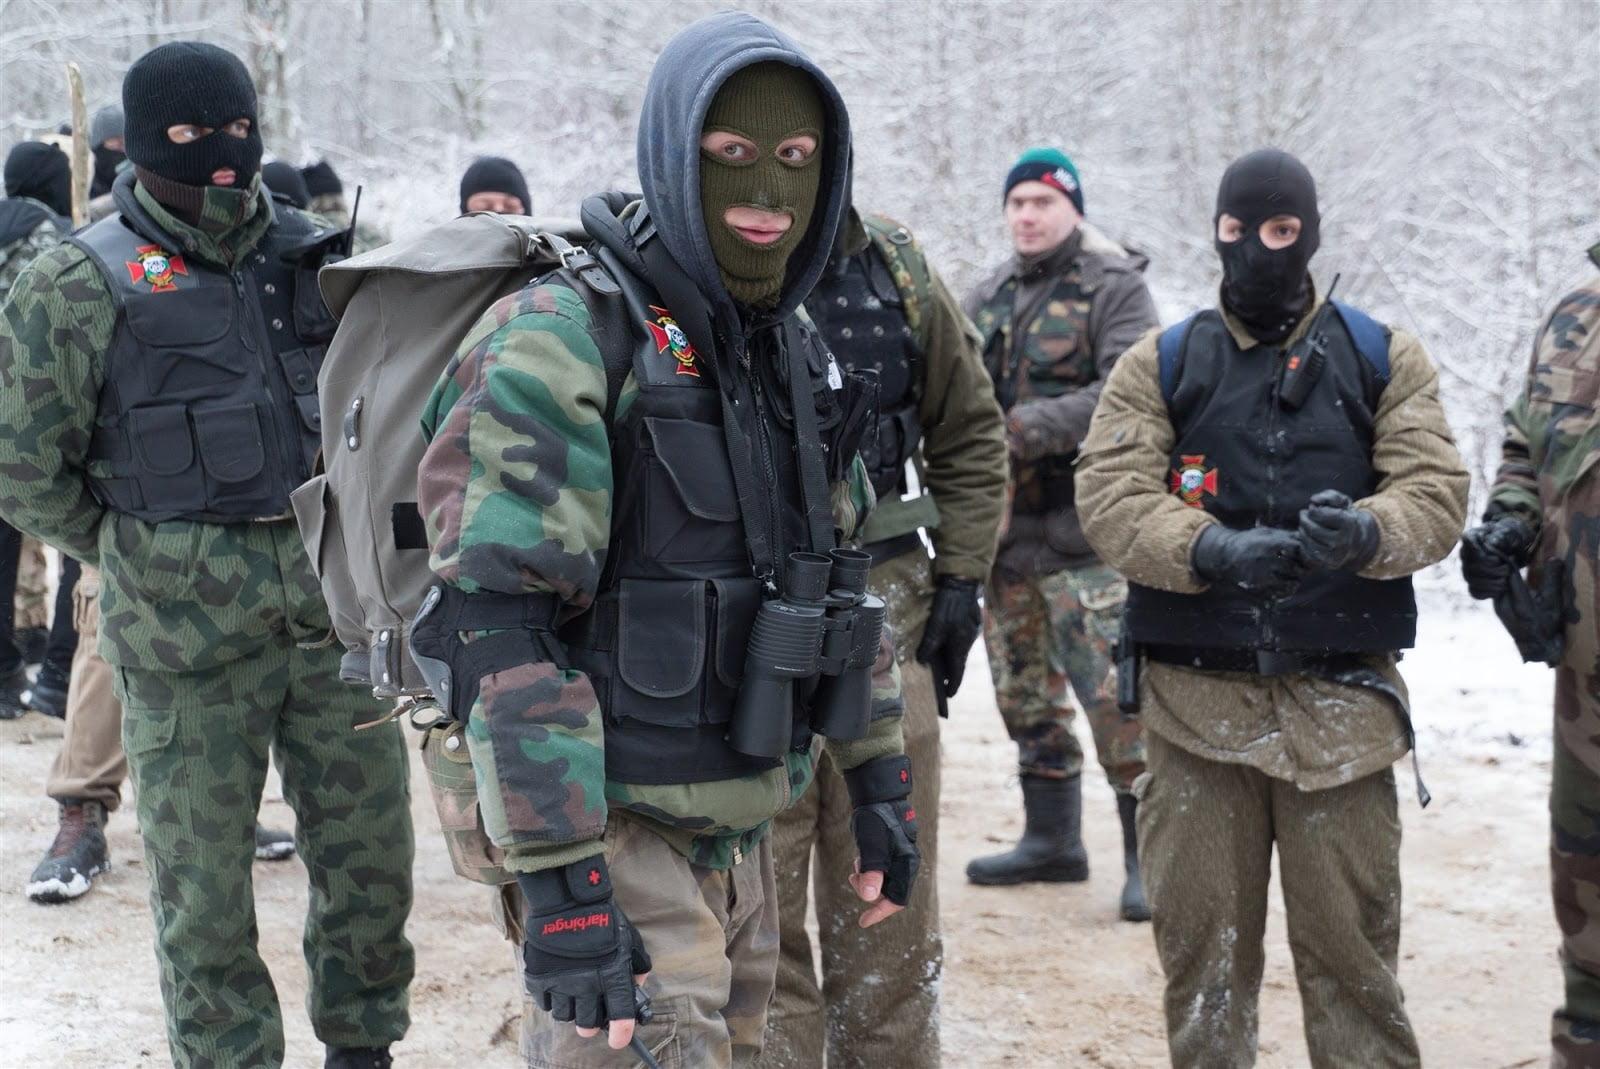 Οι Βούλγαροι στις επάλξεις – Πολίτες-κομάντο αναχαιτίζουν πρόσφυγες στα σύνορα (ΒΙΝΤΕΟ)